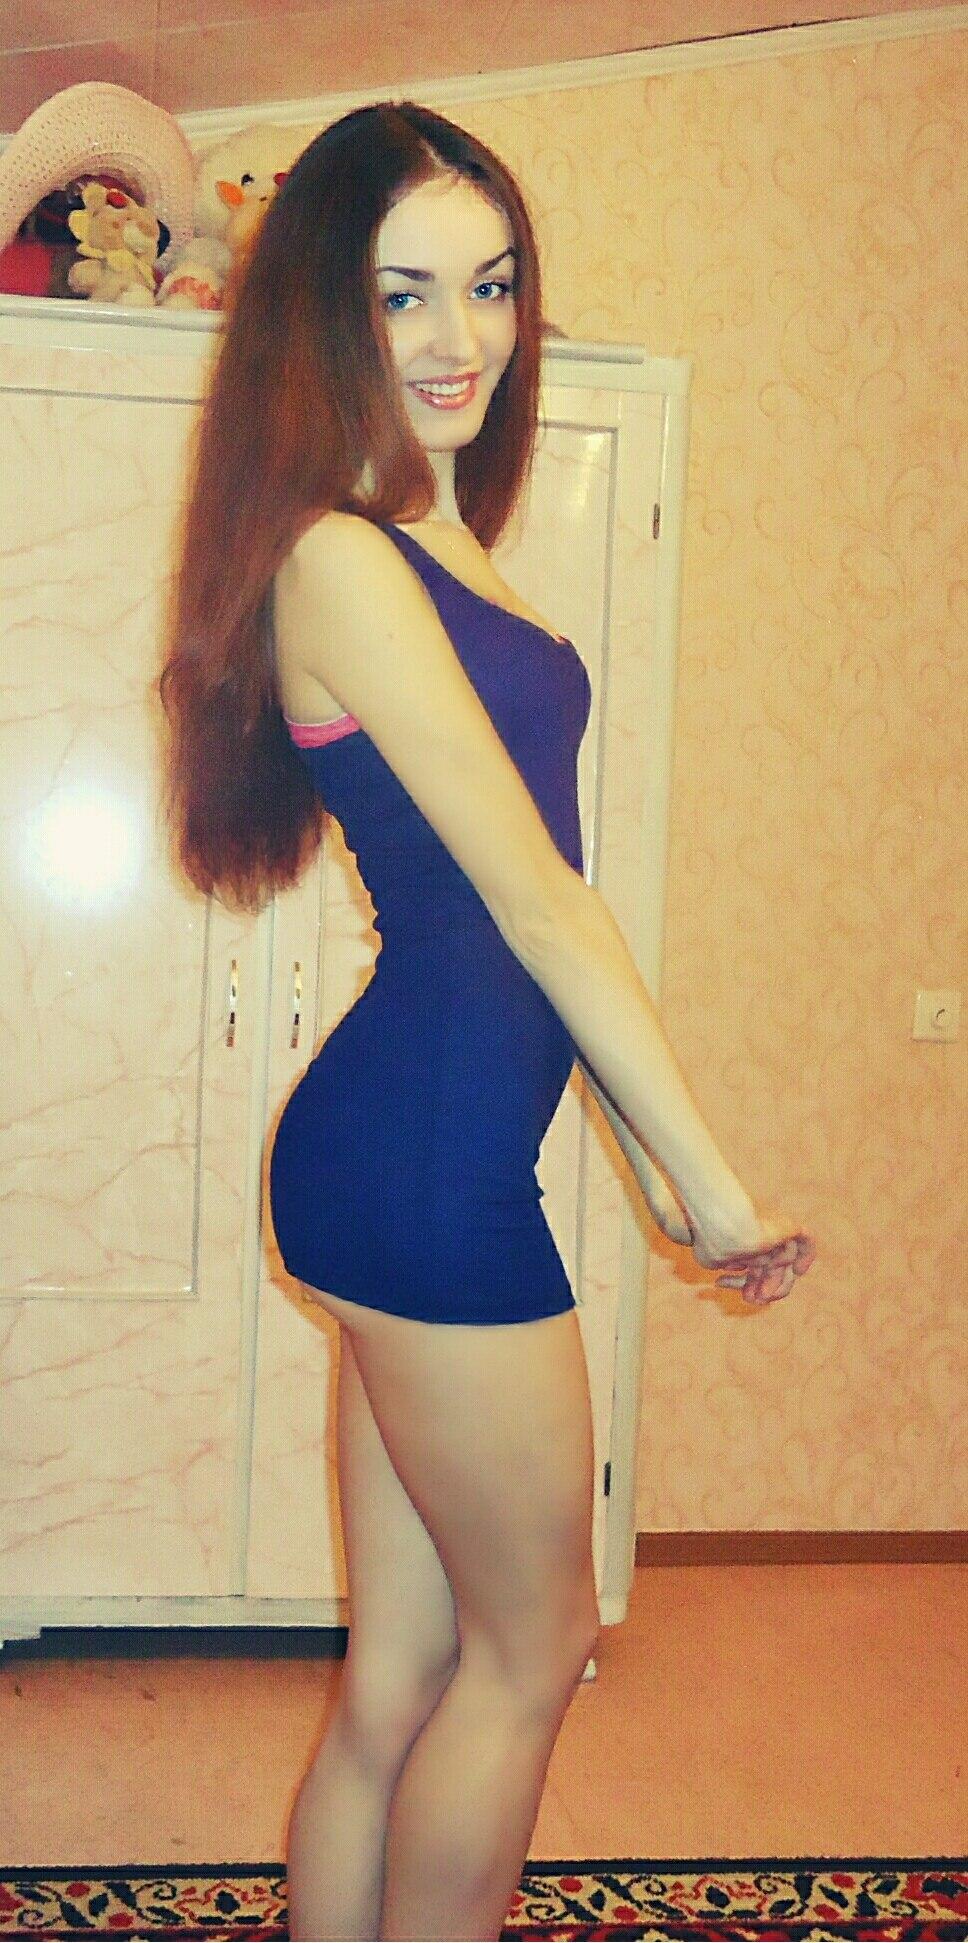 Фото с контакта девушки частное 16 фотография